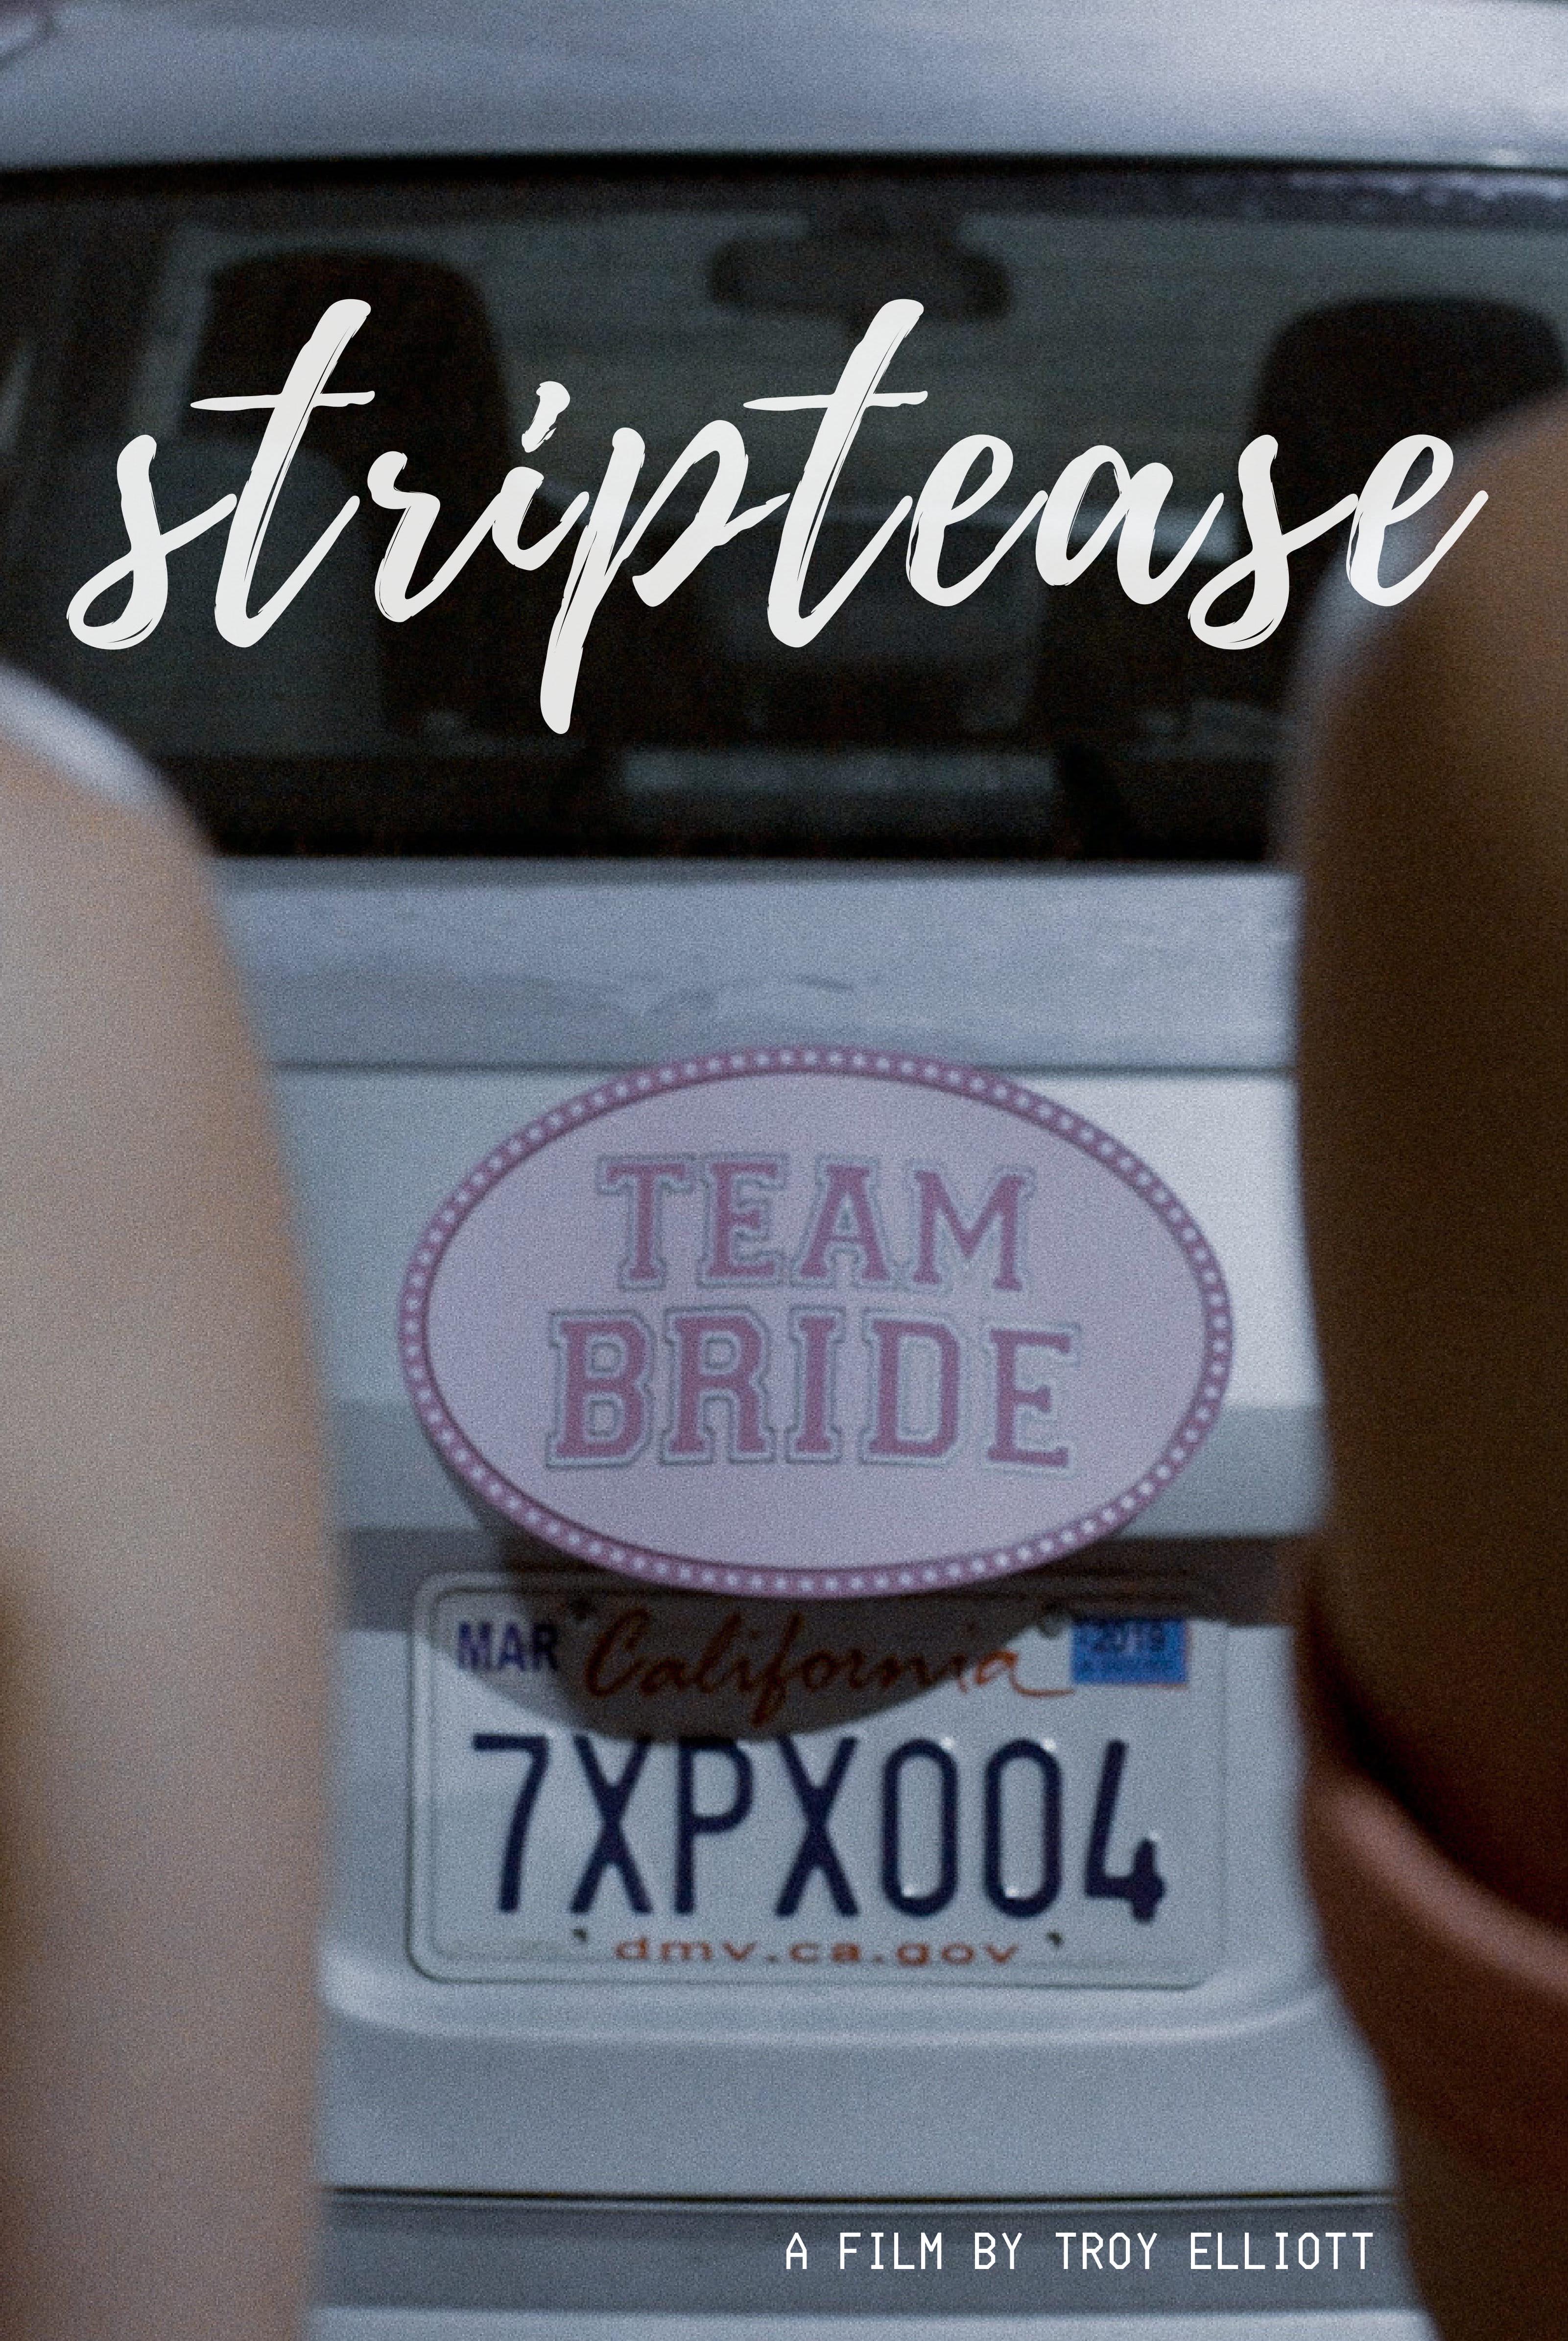 Label strip tease